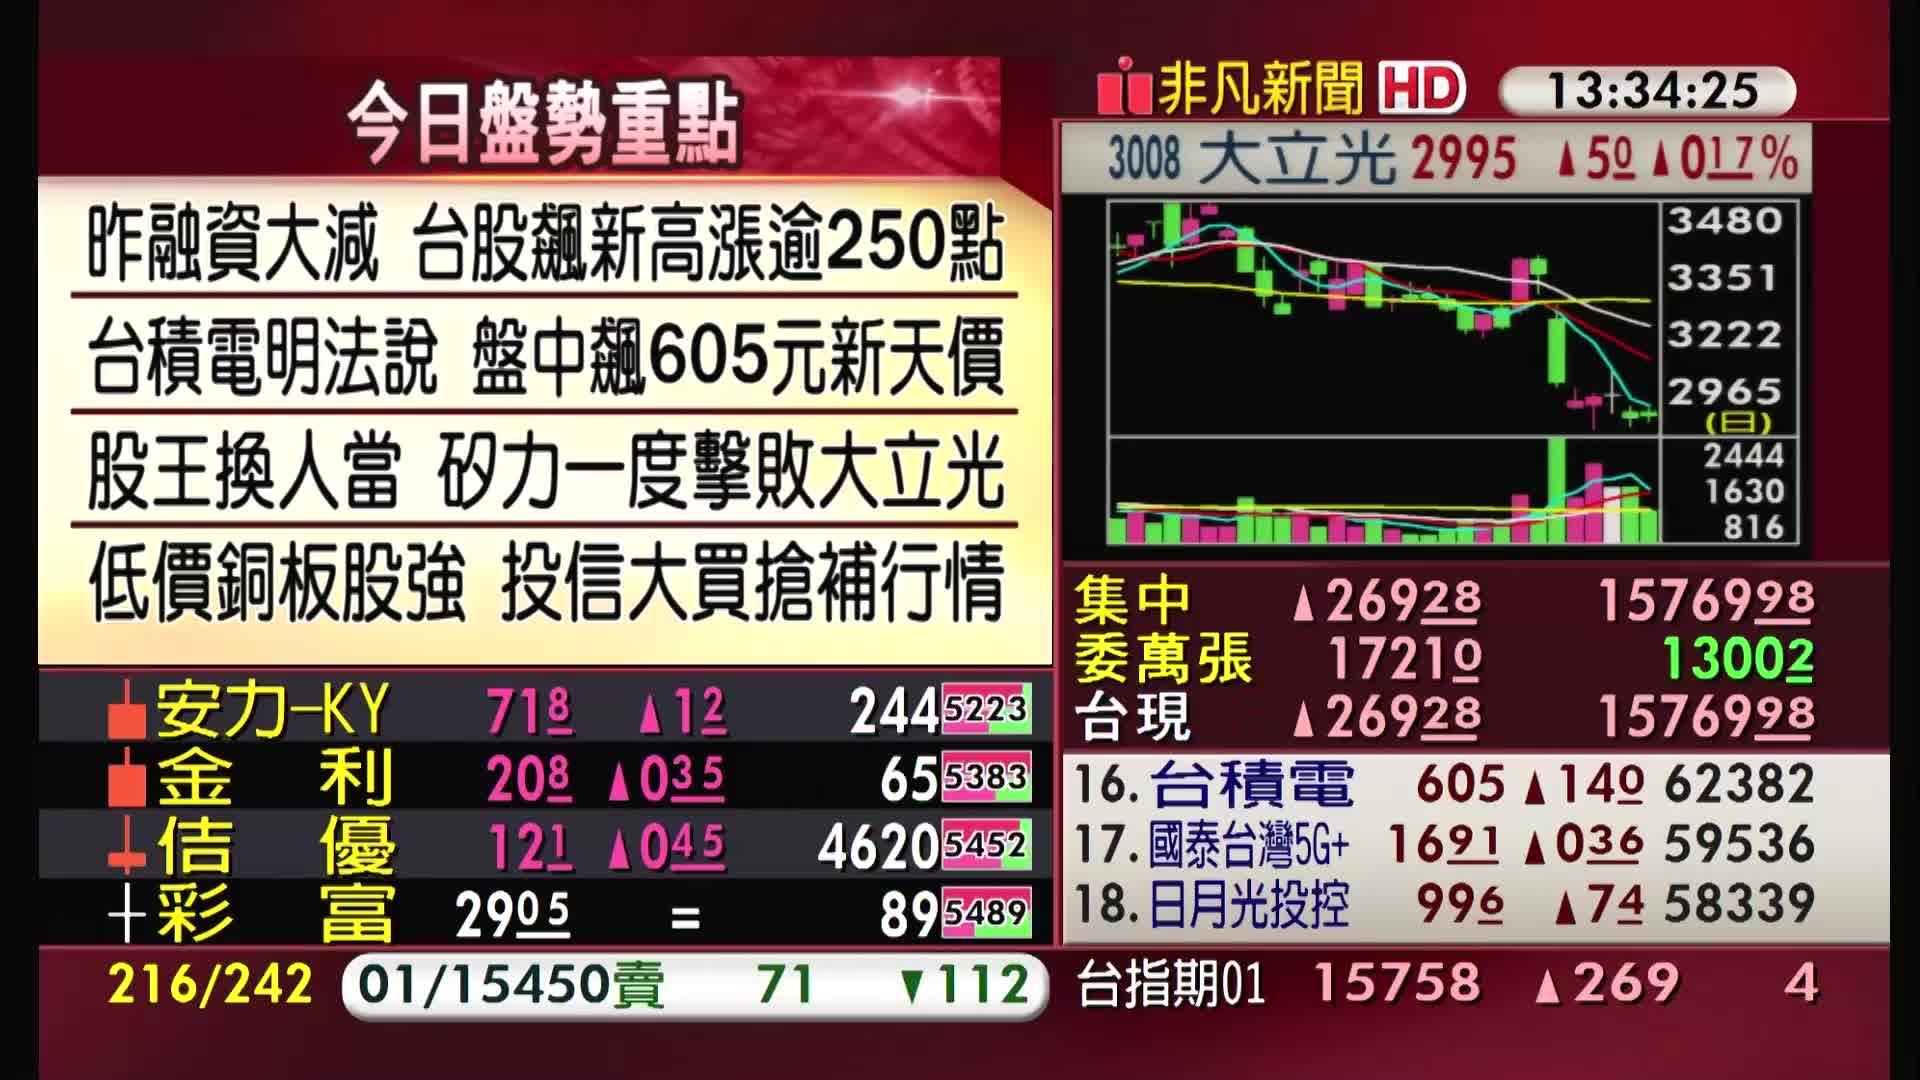 5分鐘看台股/2021/01/13收盤最前線